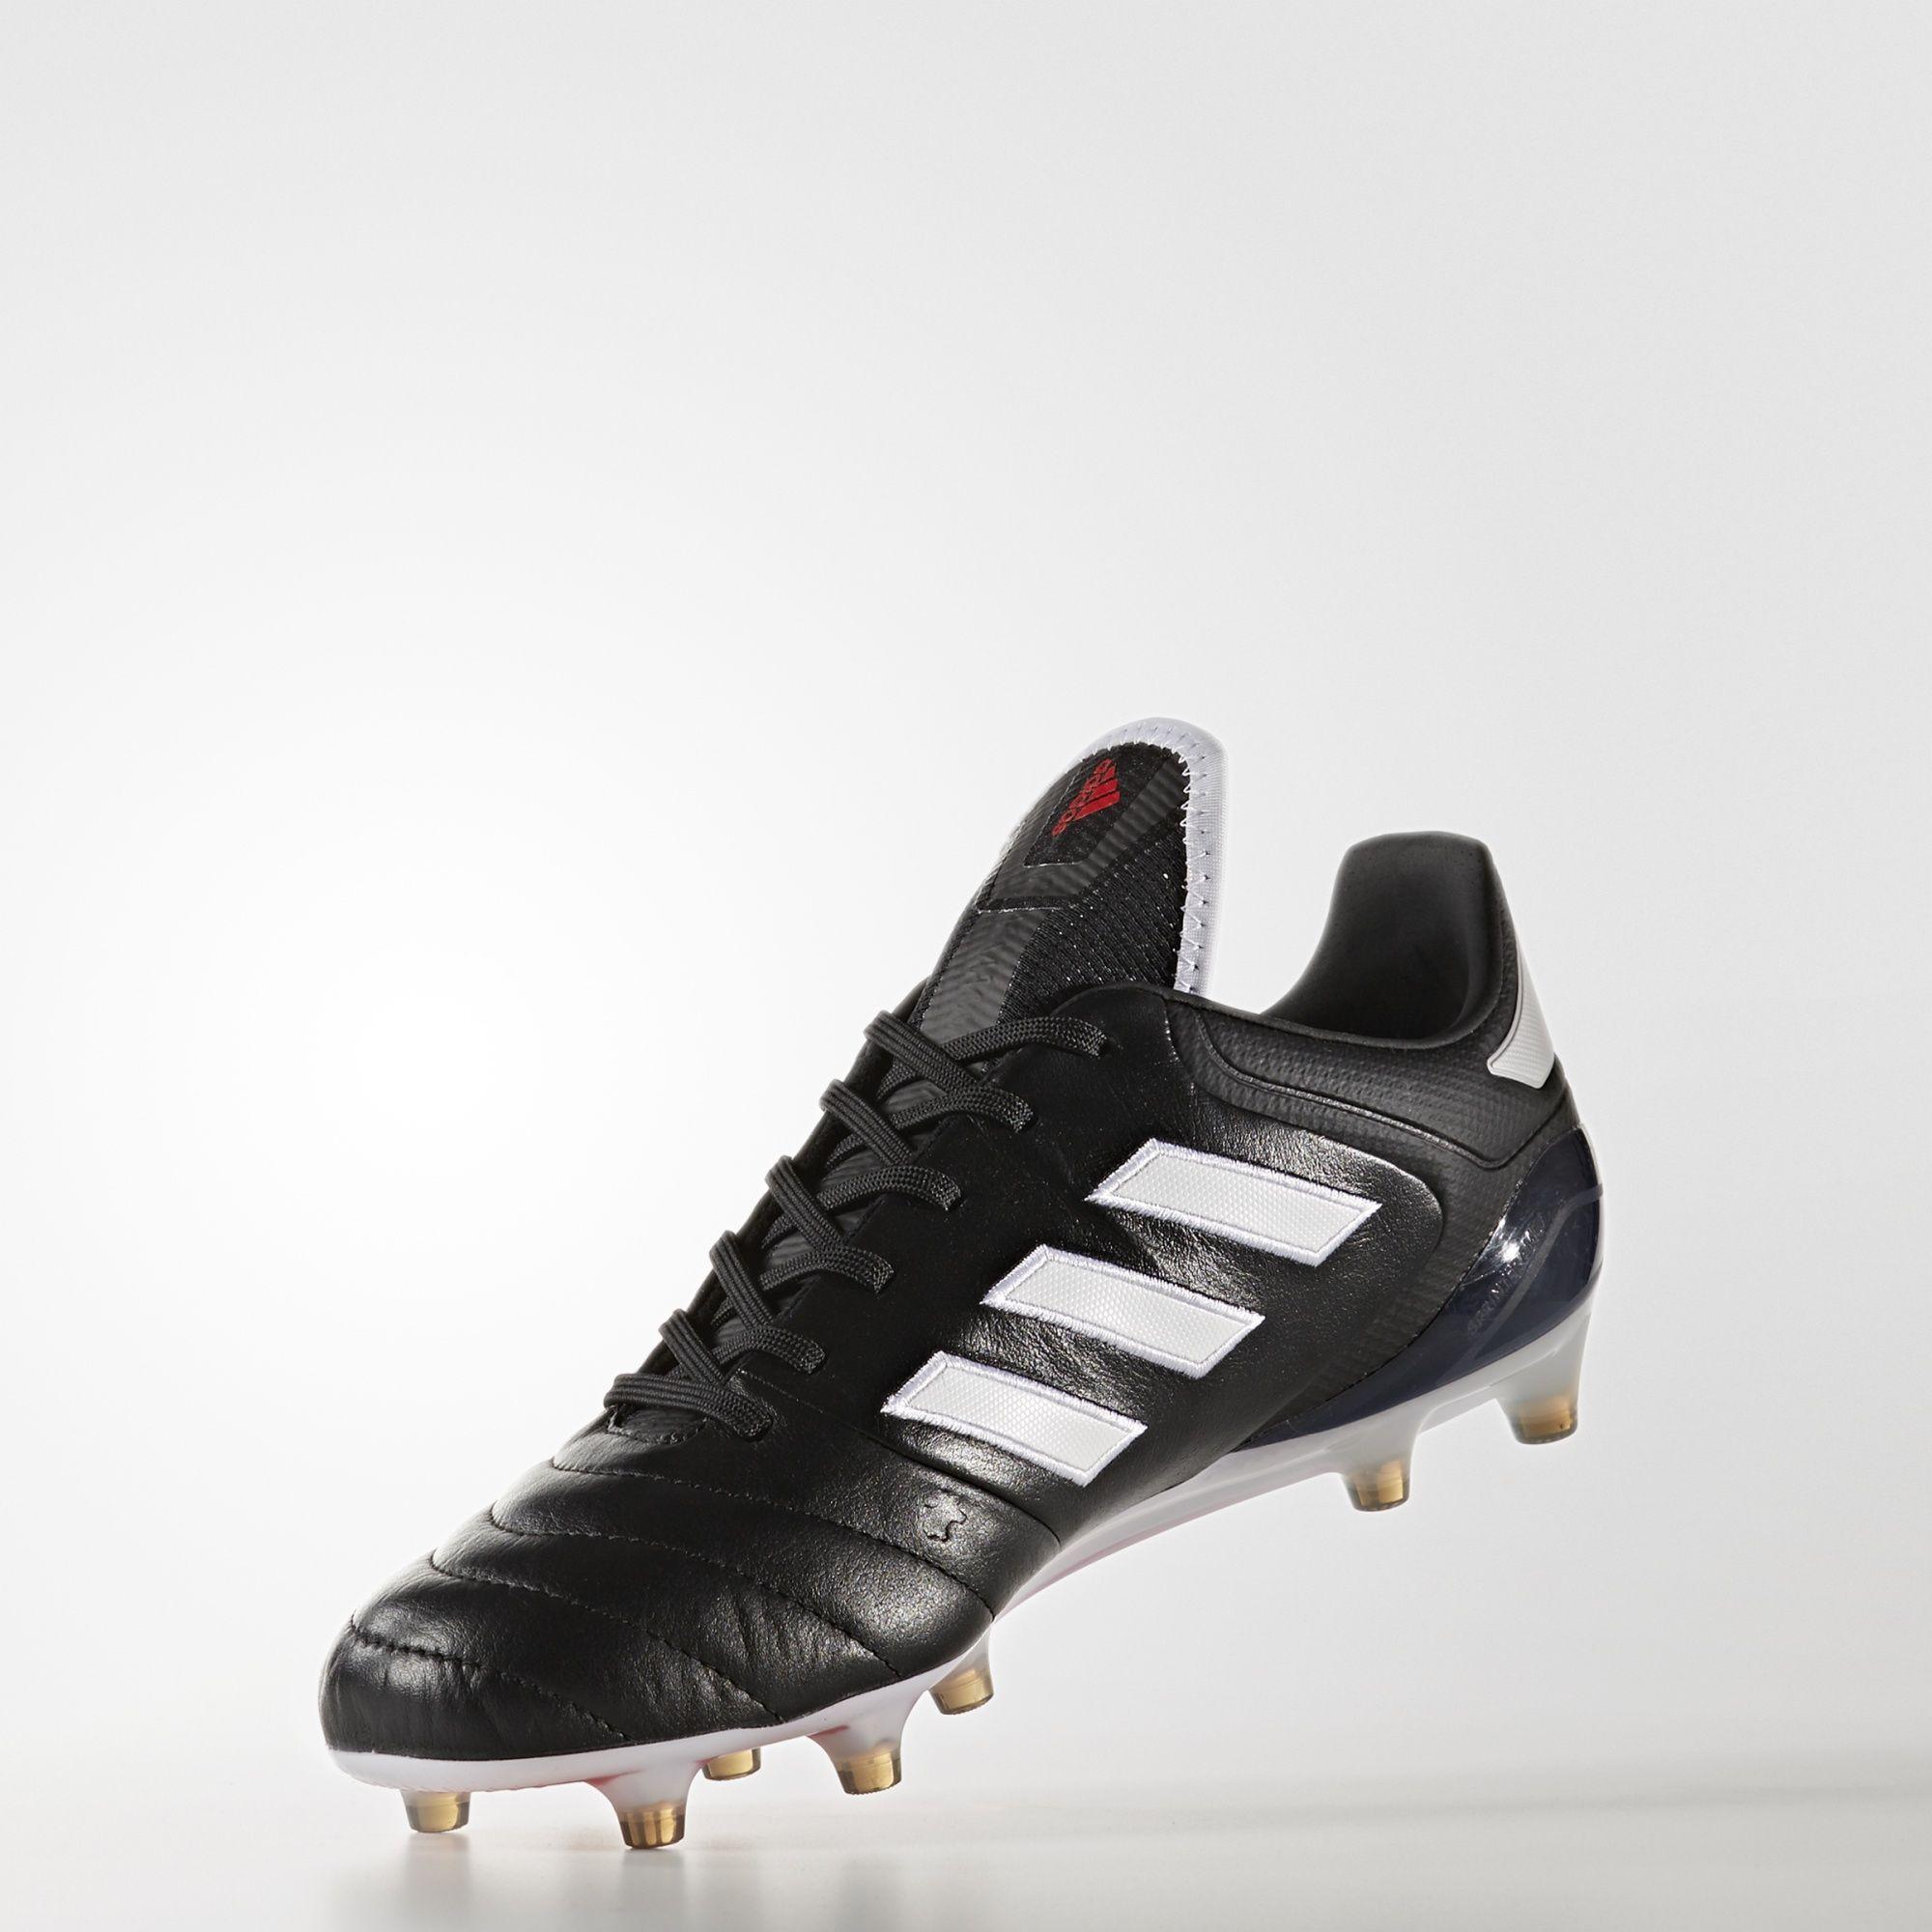 e5c723ada2 Compre 2 APAGADO EN CUALQUIER CASO calzado de futbol adidas Y ...